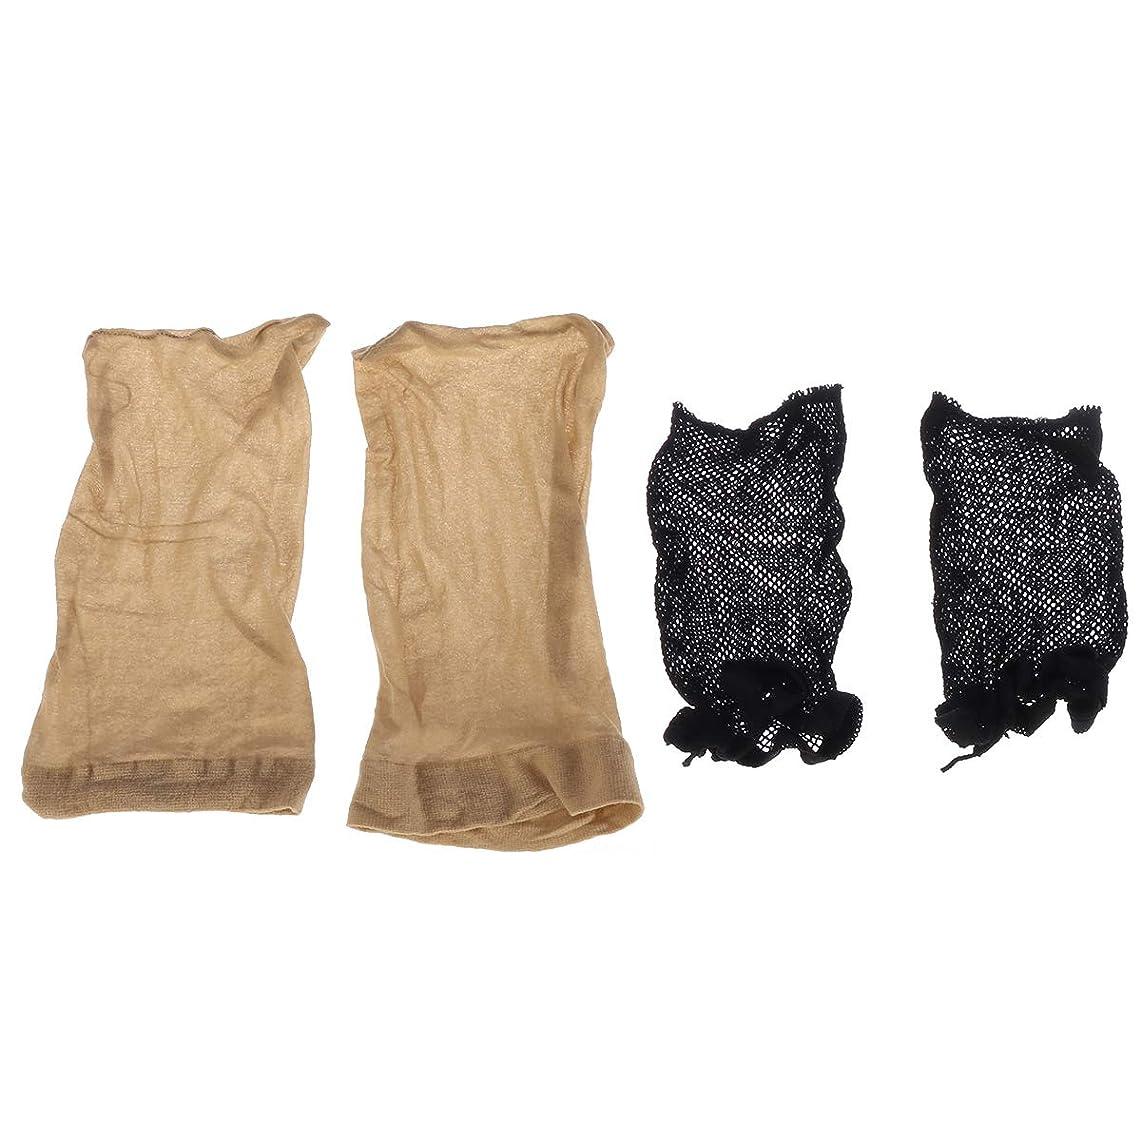 チューブひどく電池SUPVOX かつらを作るための2pcsメッシュウィッグキャップ女性と男性のためのストッキングキャップと2pcsメッシュウィッグキャップ伸縮性のある弾性かつらキャップ(ブラック)